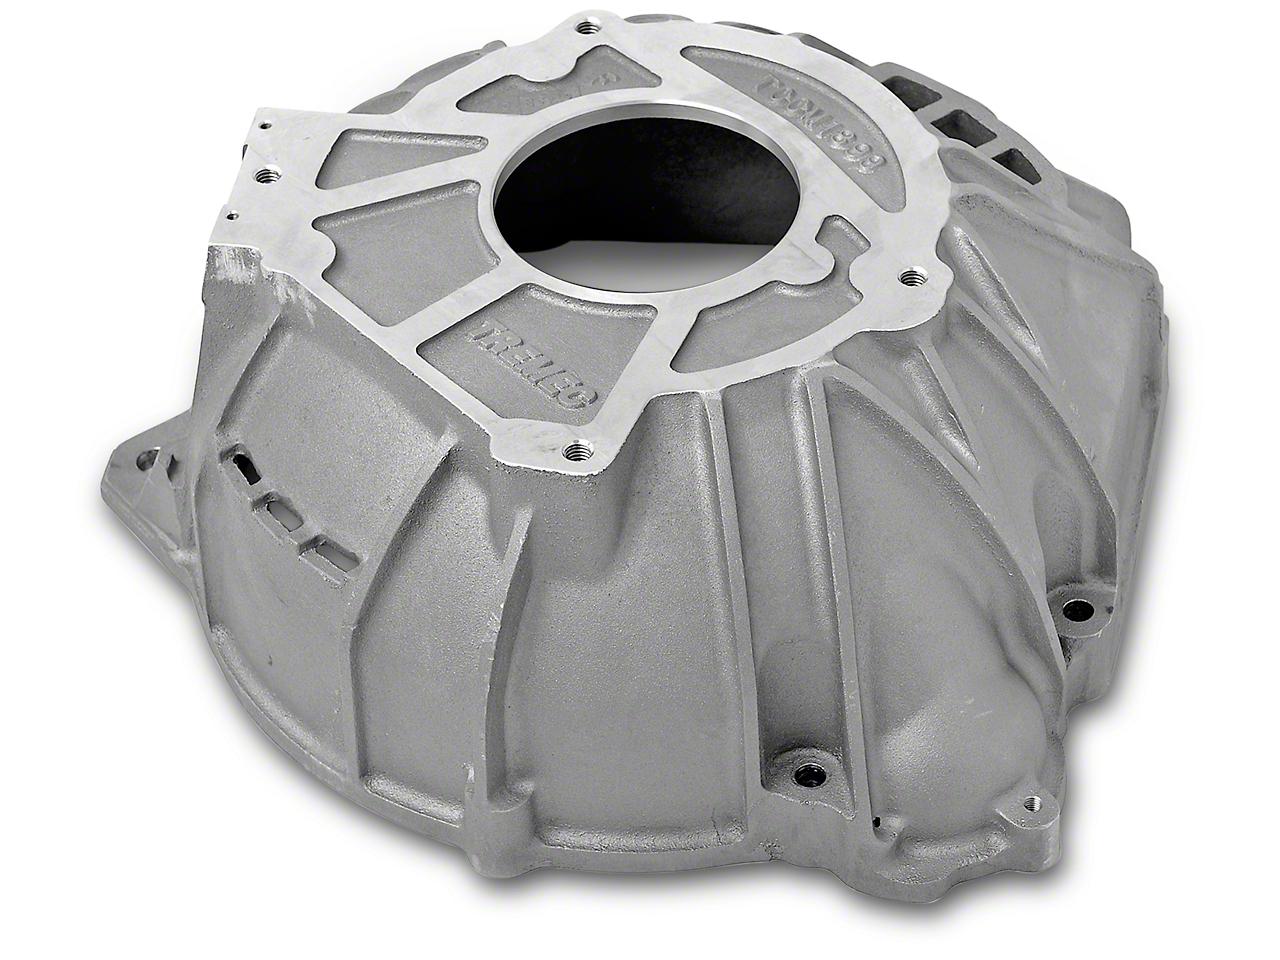 Ford Performance Modular TREMEC Bellhousing (96-14 4.6L, 5.0L, 5.4L)